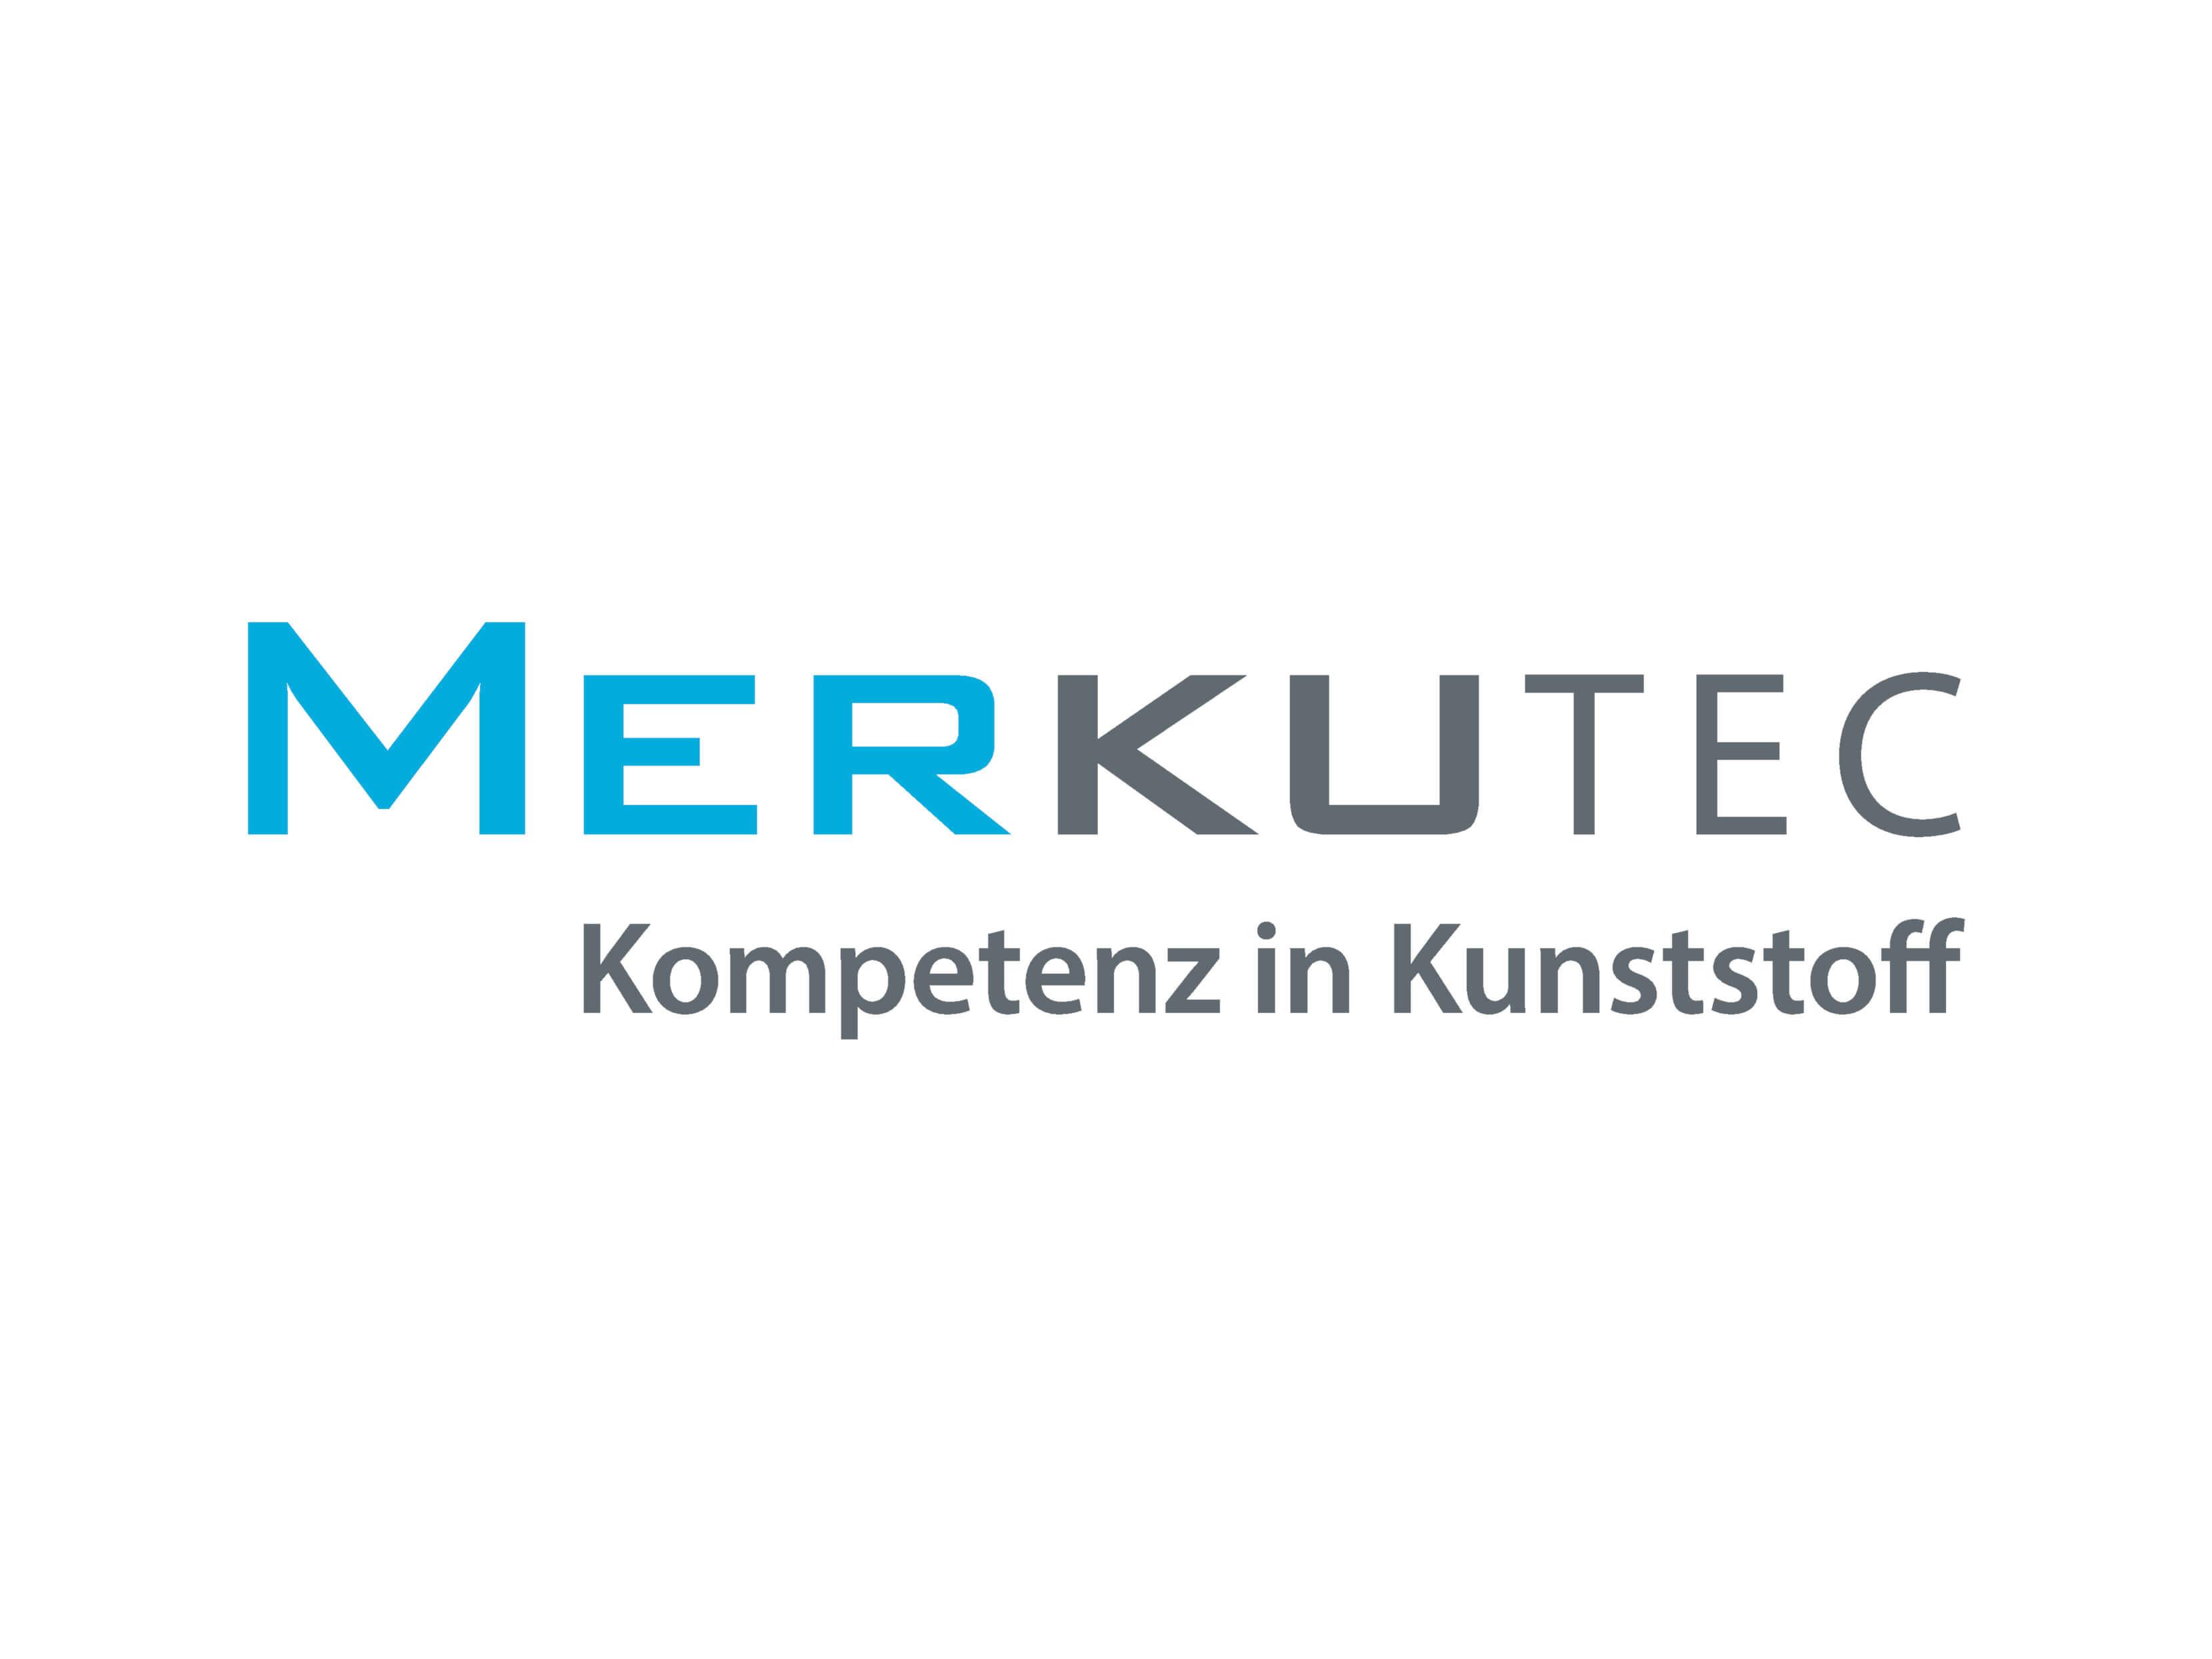 Merkutec GmbH